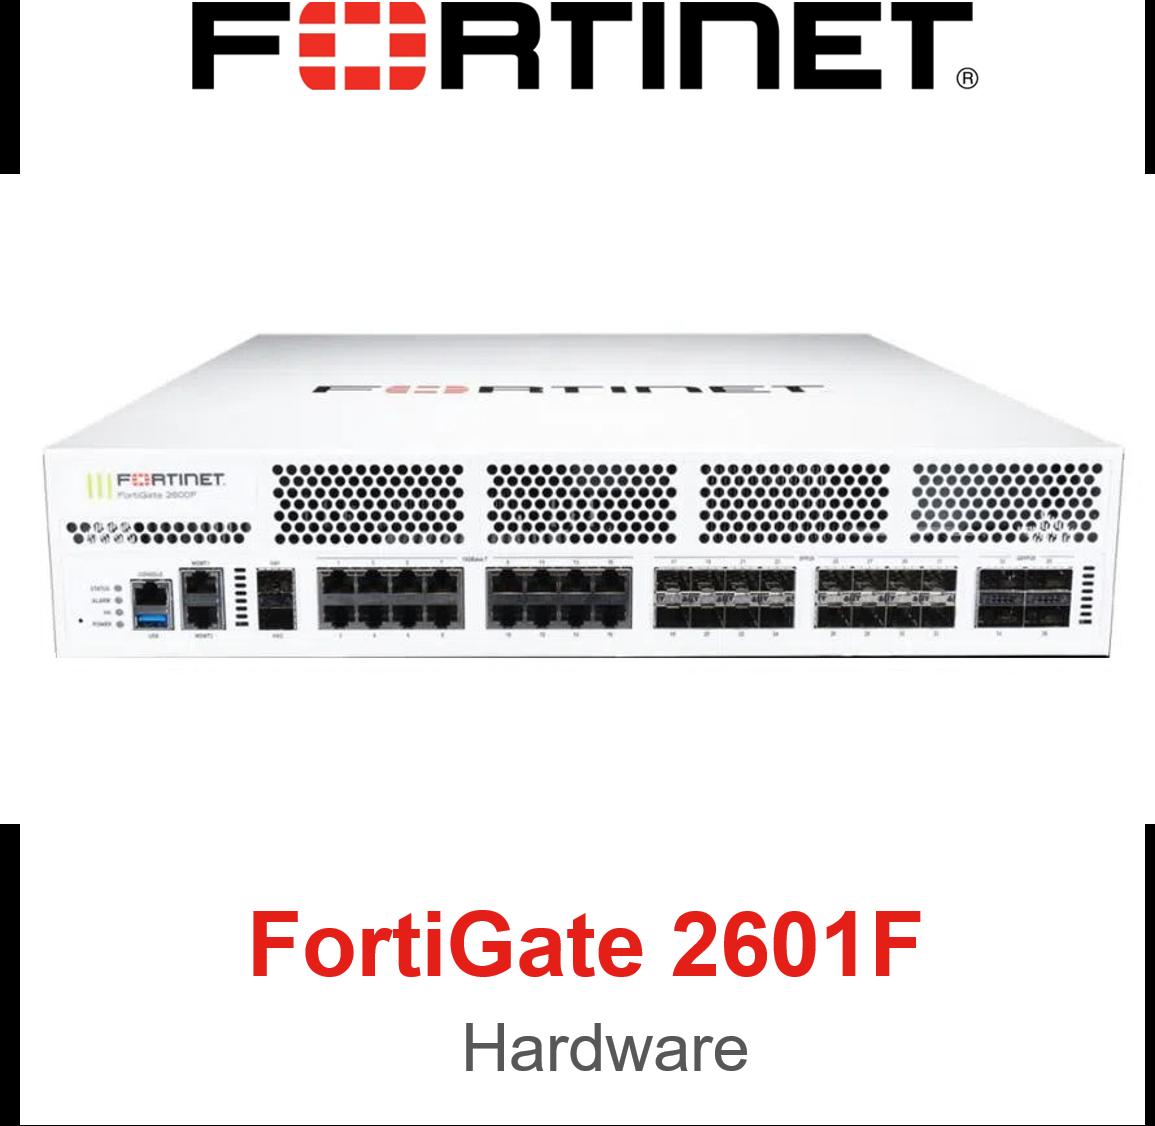 Fortinet FortiGate 2601F Firewall